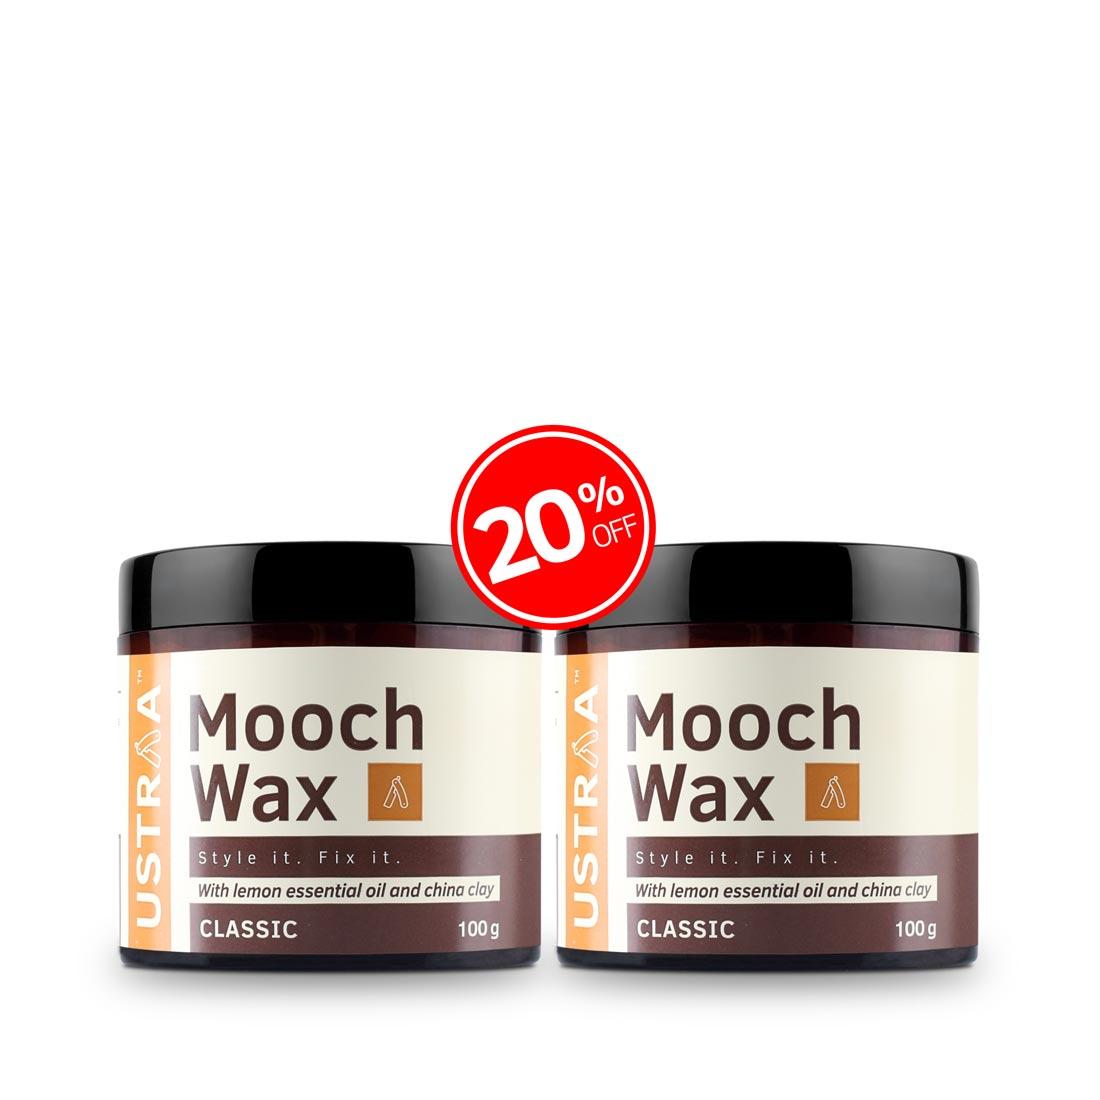 Beard & Mooch Styling Wax - 100g- Set of 2